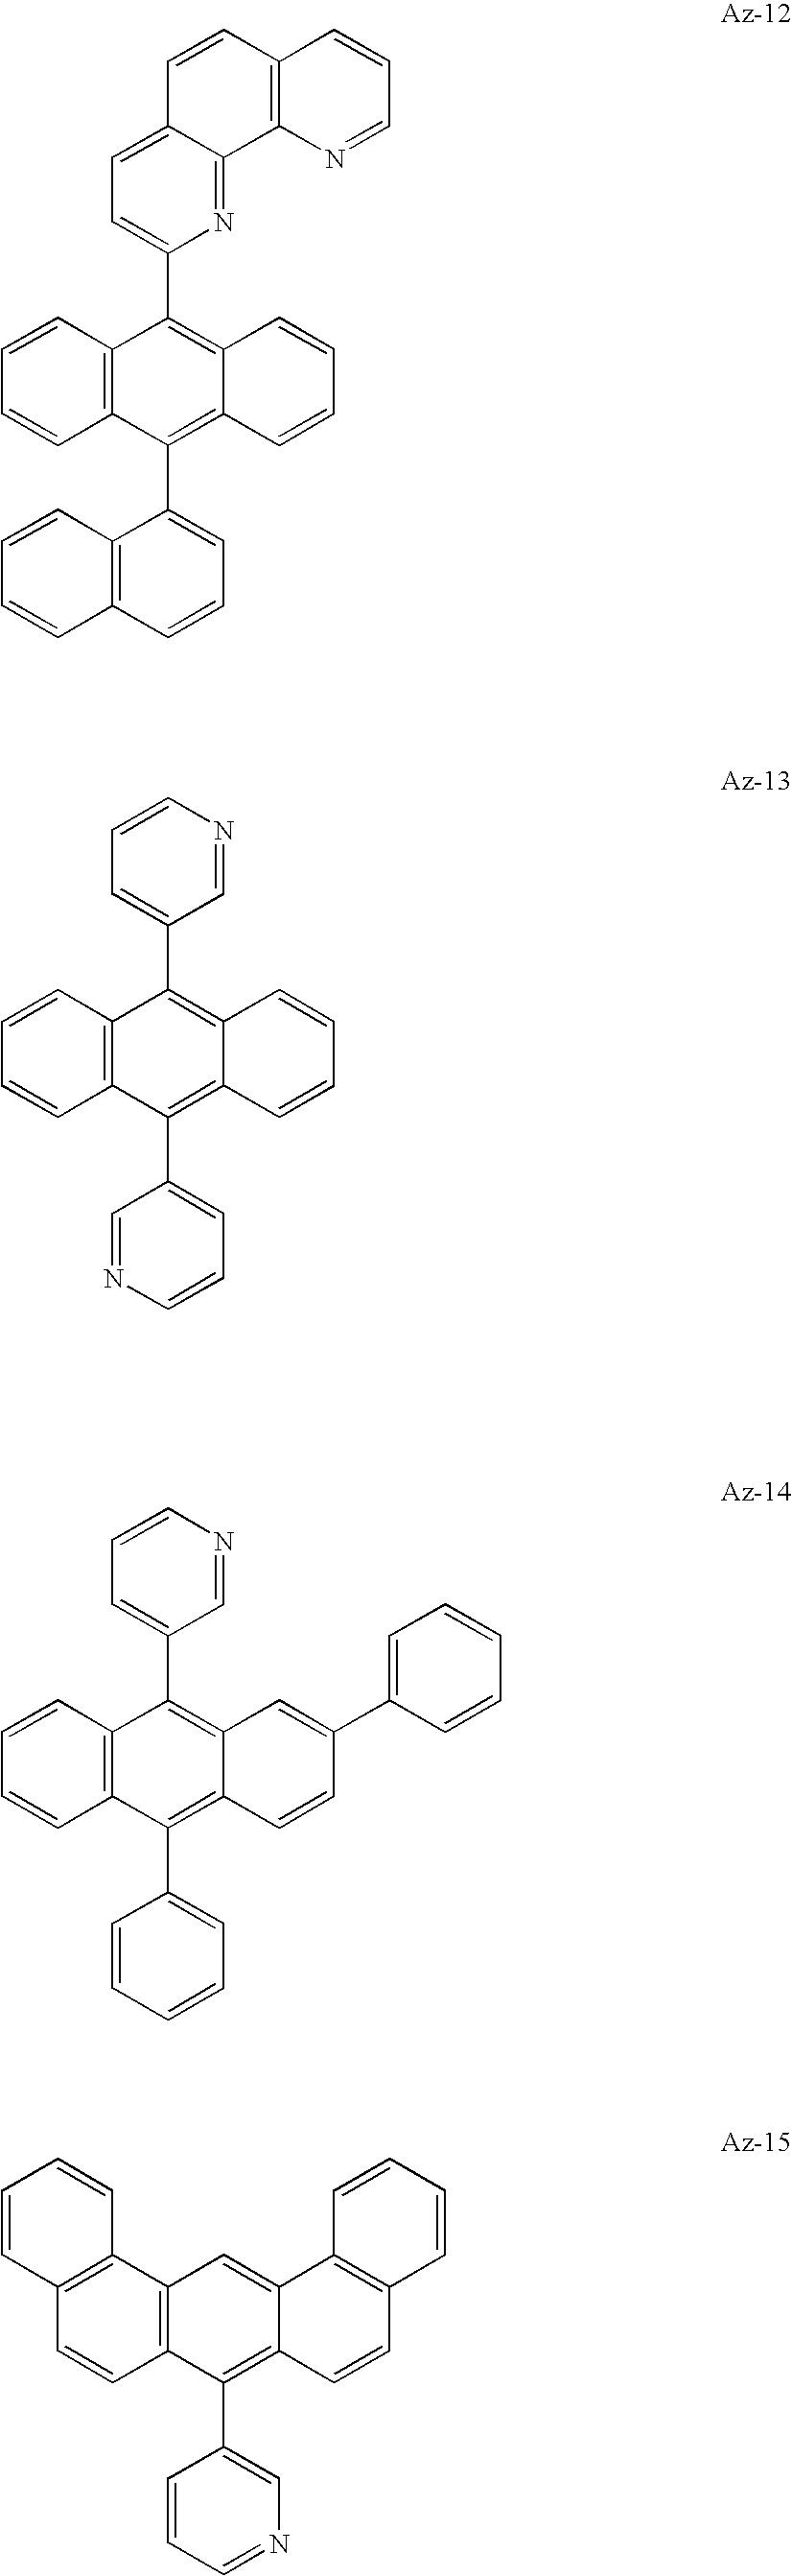 Figure US20100244677A1-20100930-C00028